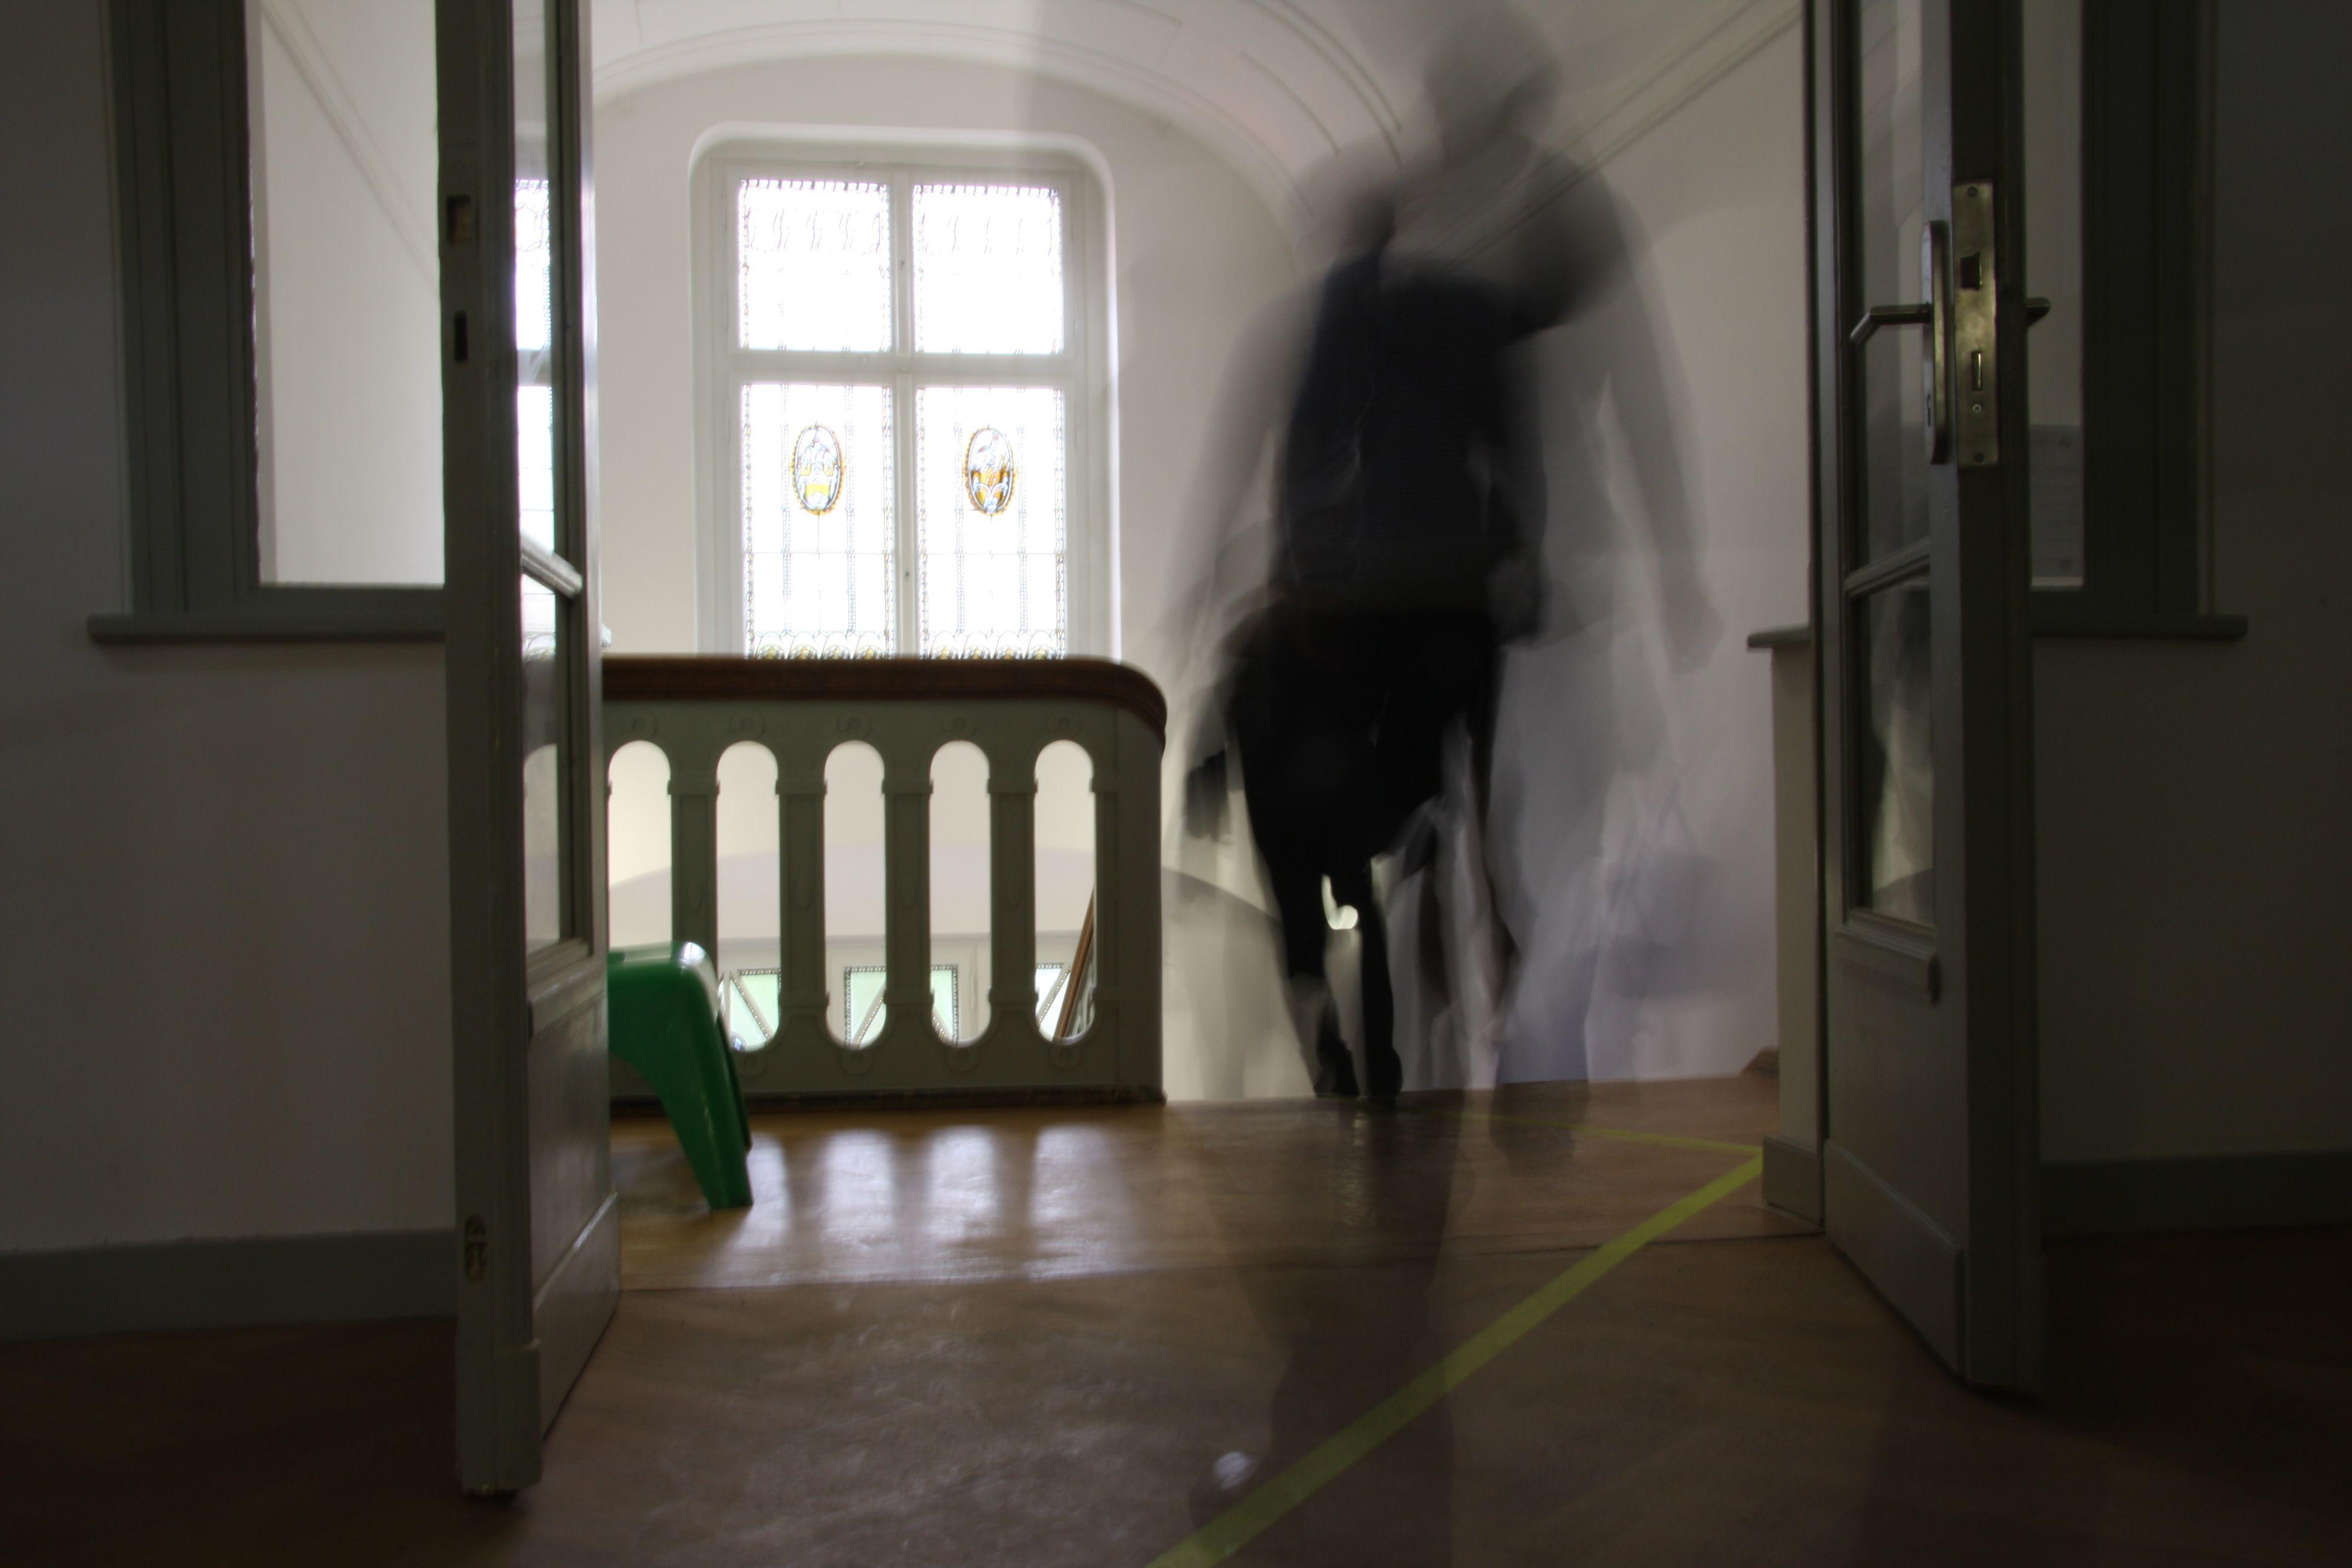 Design Haus Halle - The spirit of design in Sachsen Anhalt